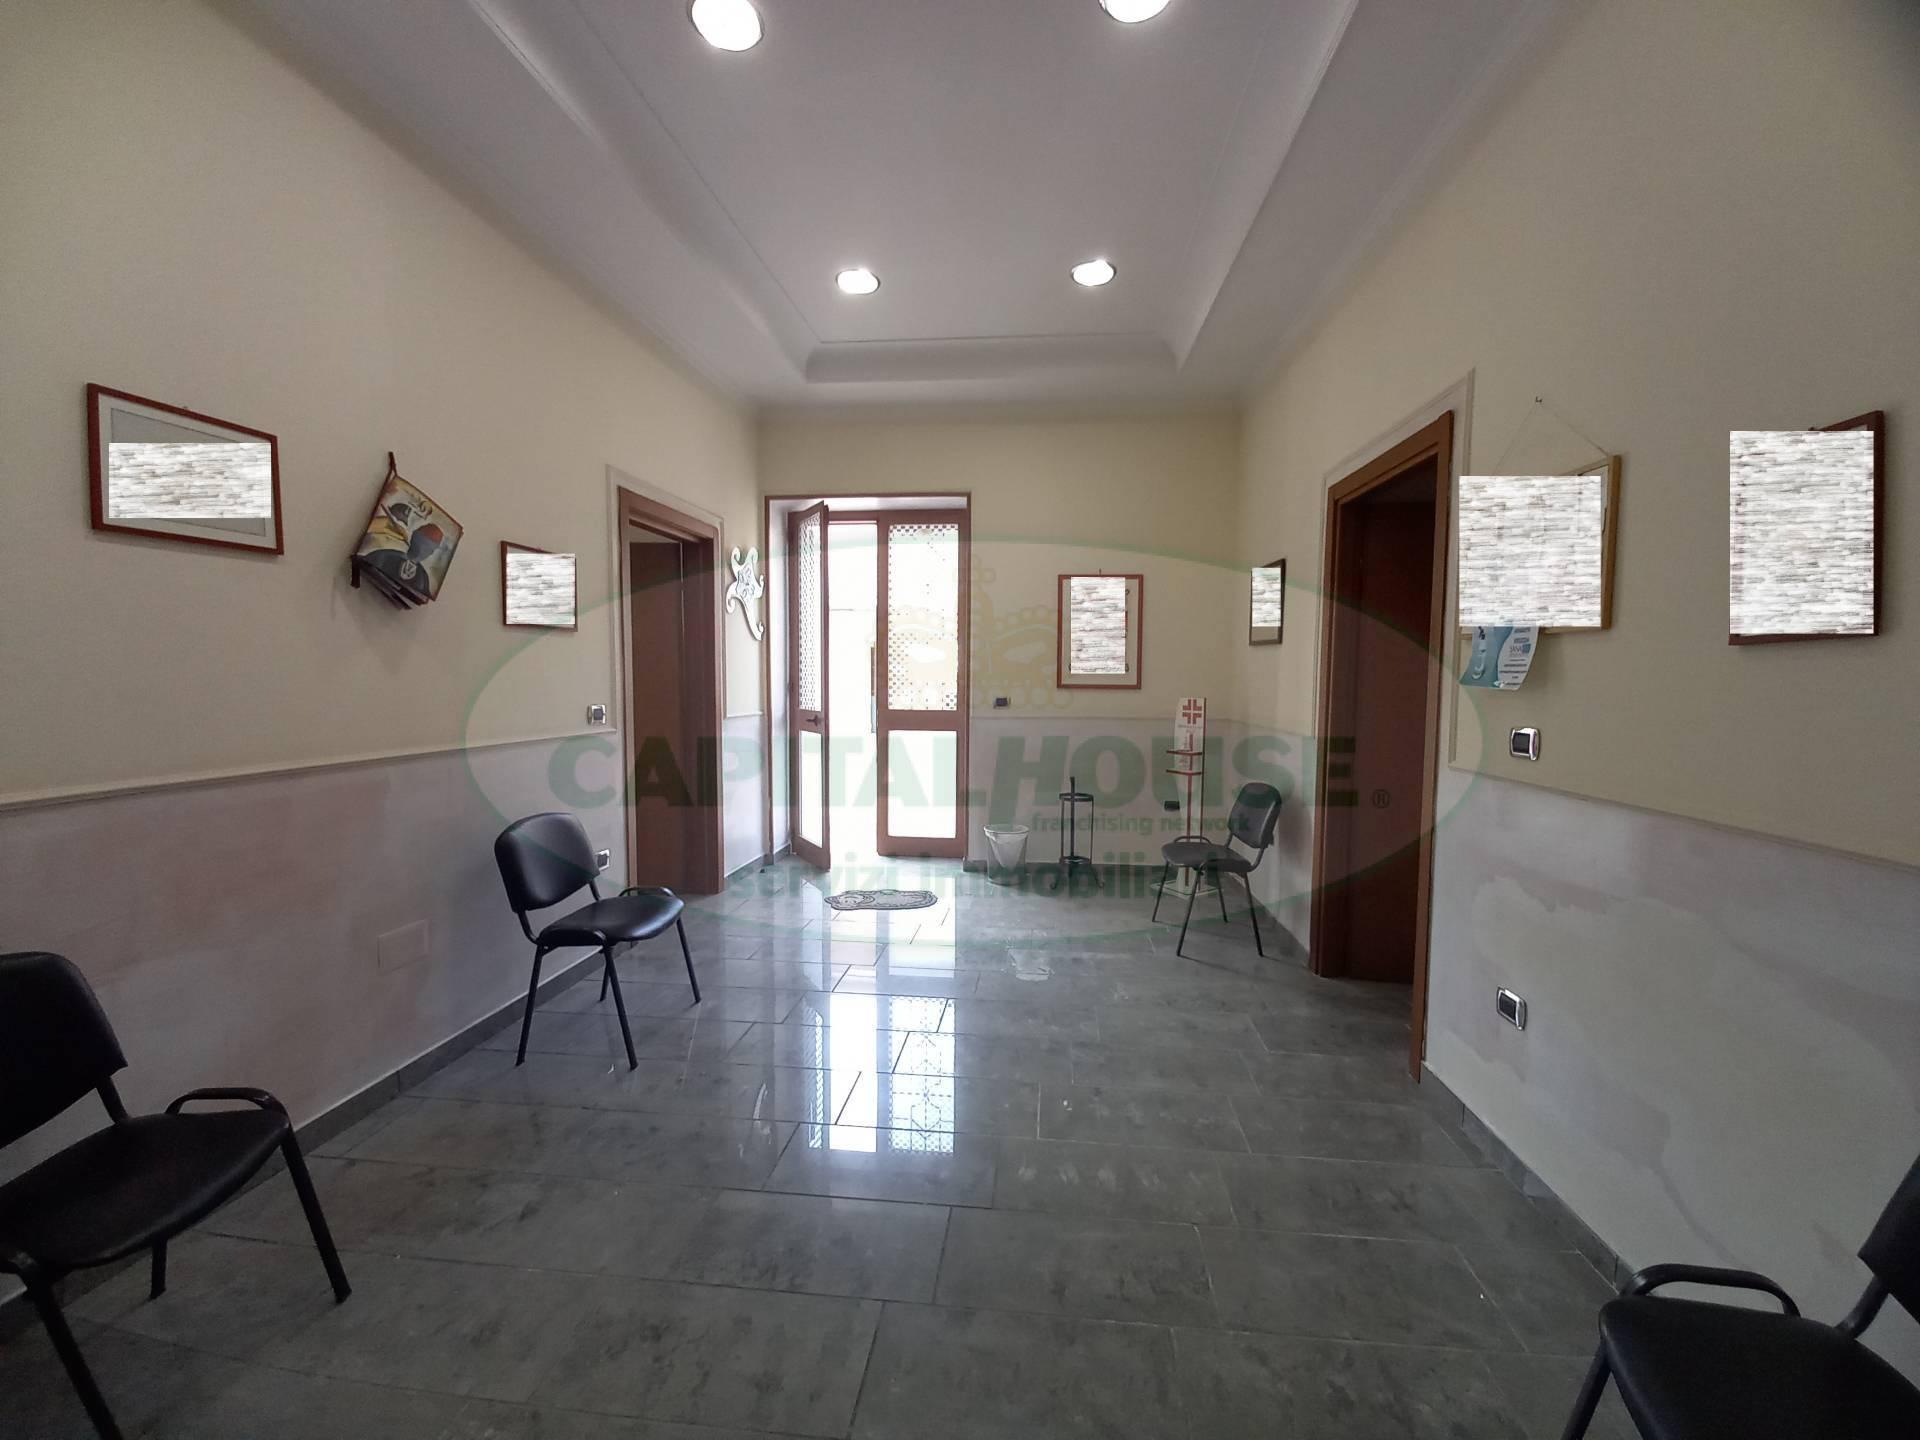 Ufficio / Studio in affitto a Capua, 9999 locali, zona Località: S.AngeloinFormis, prezzo € 200   CambioCasa.it